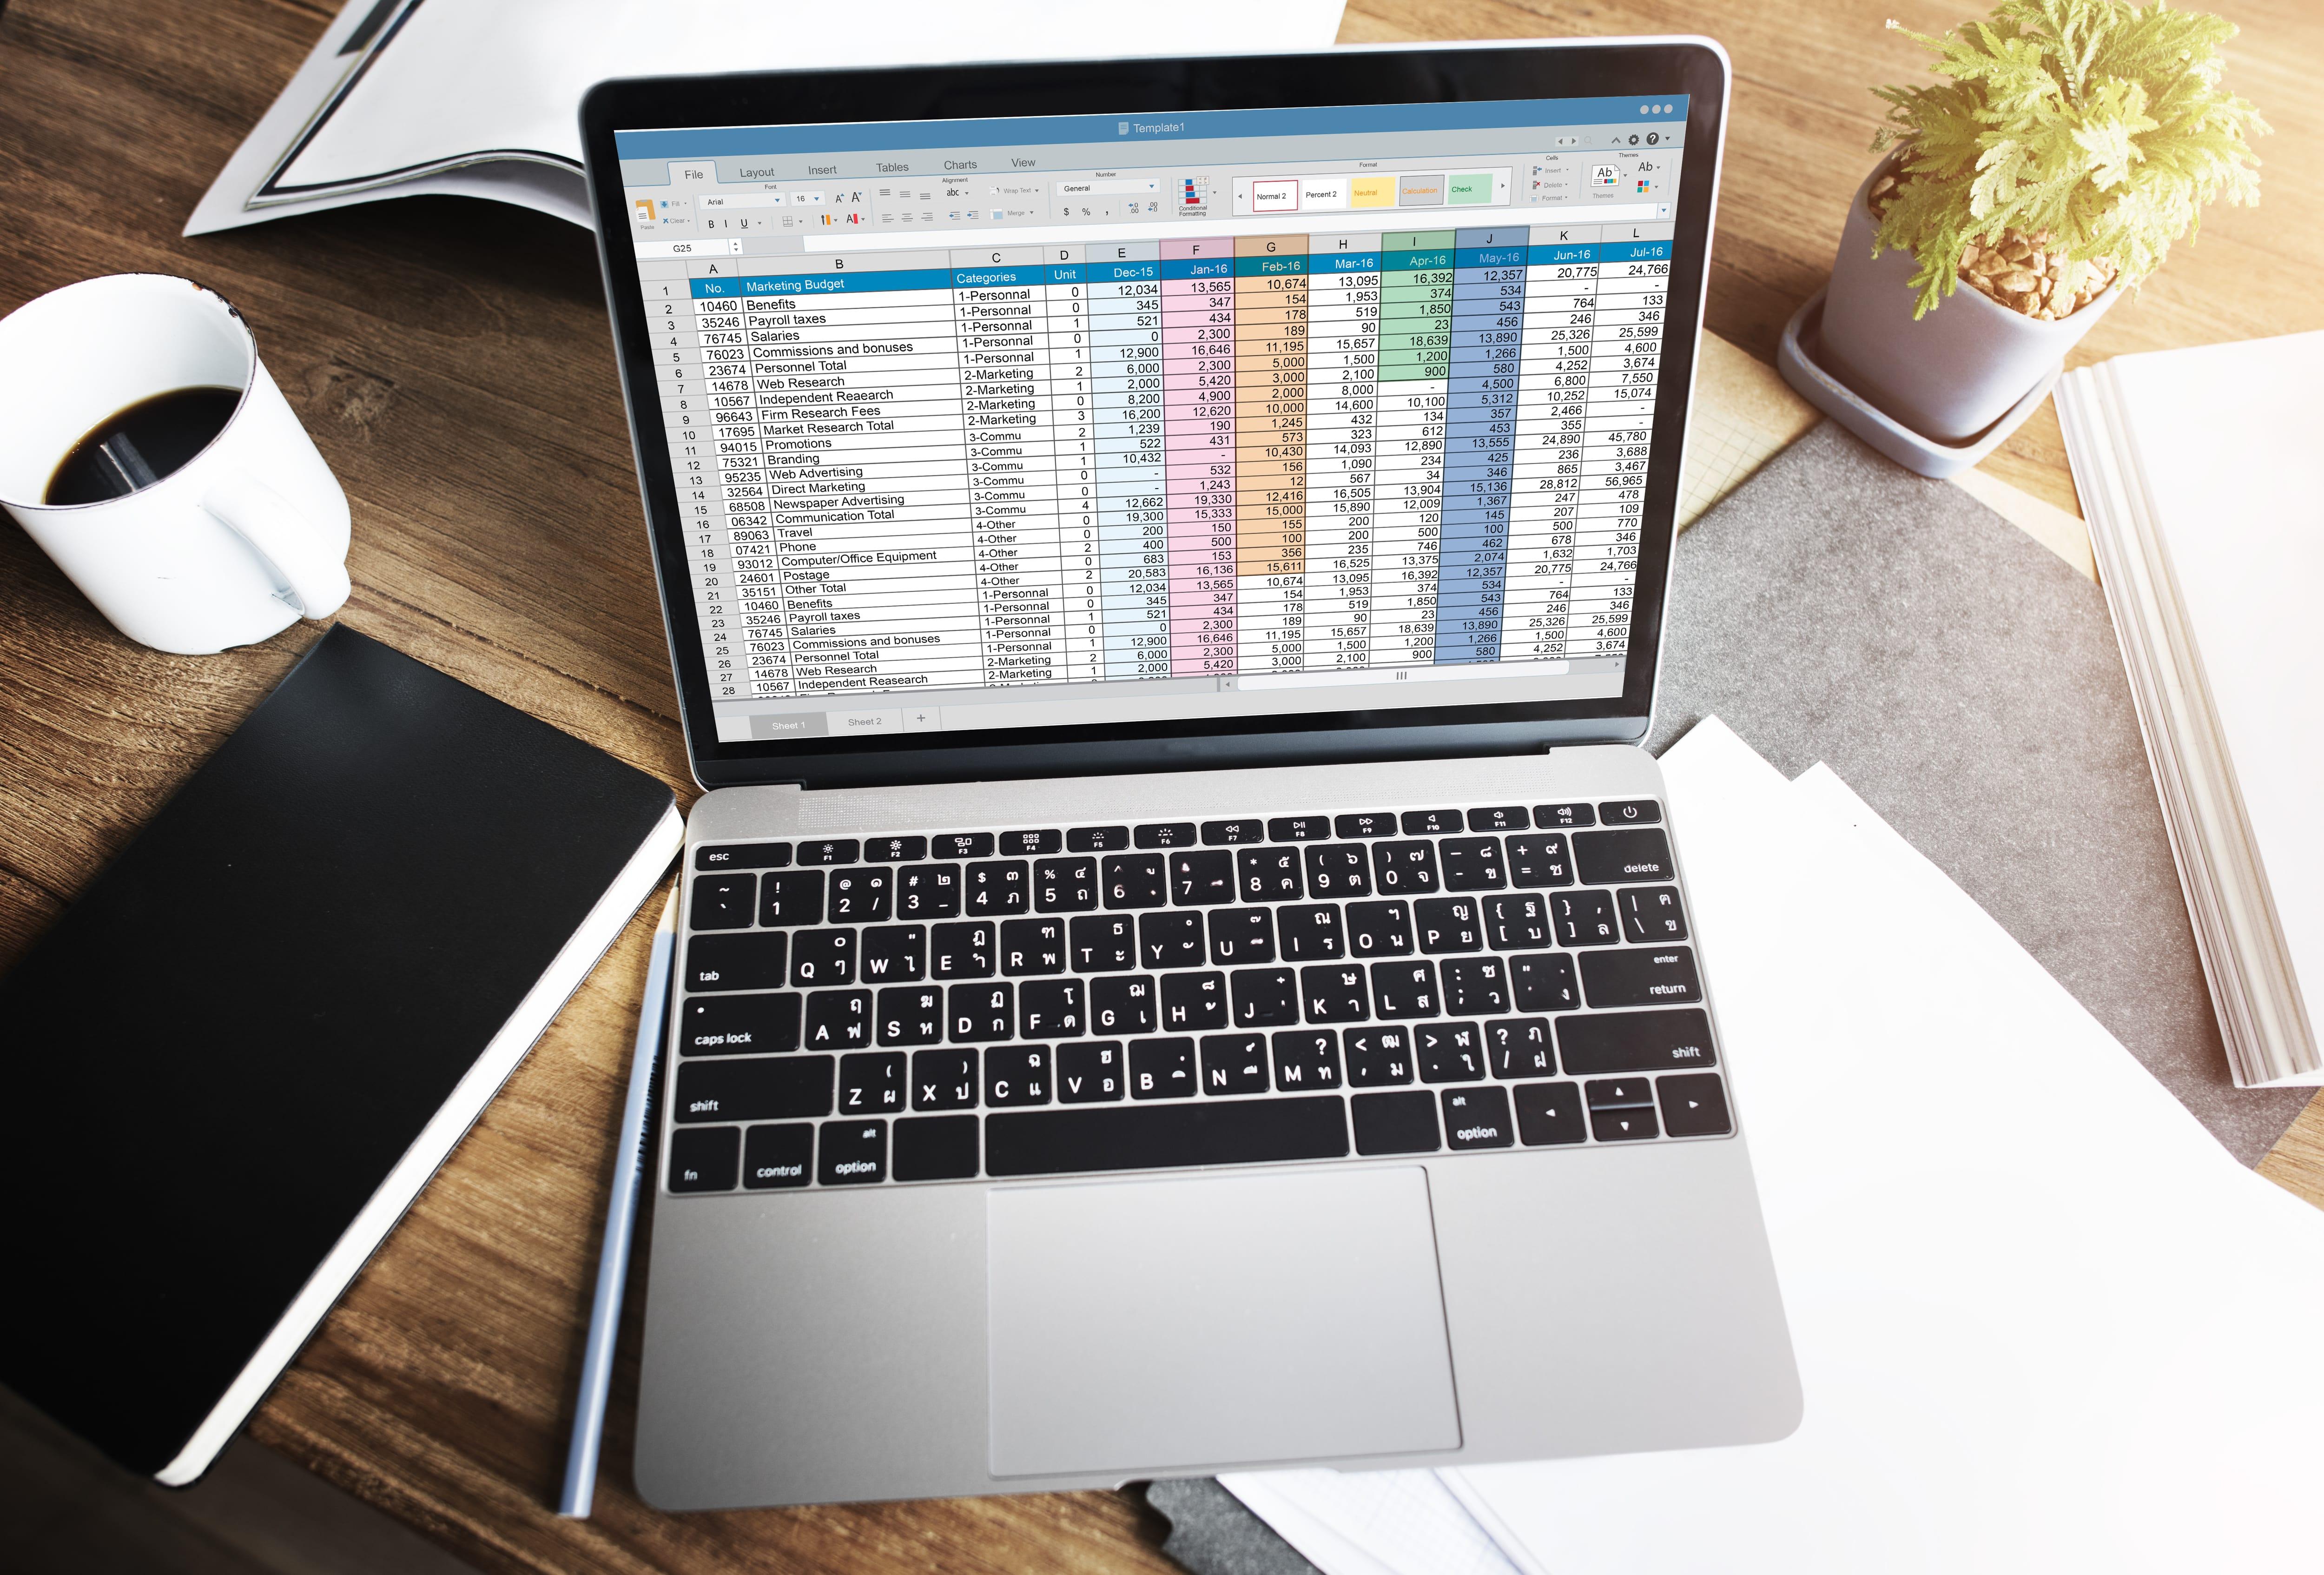 A substituição de novos softwares que conversem com o dinamismo da internet é importante para o crescimento de uma empresa atualmente